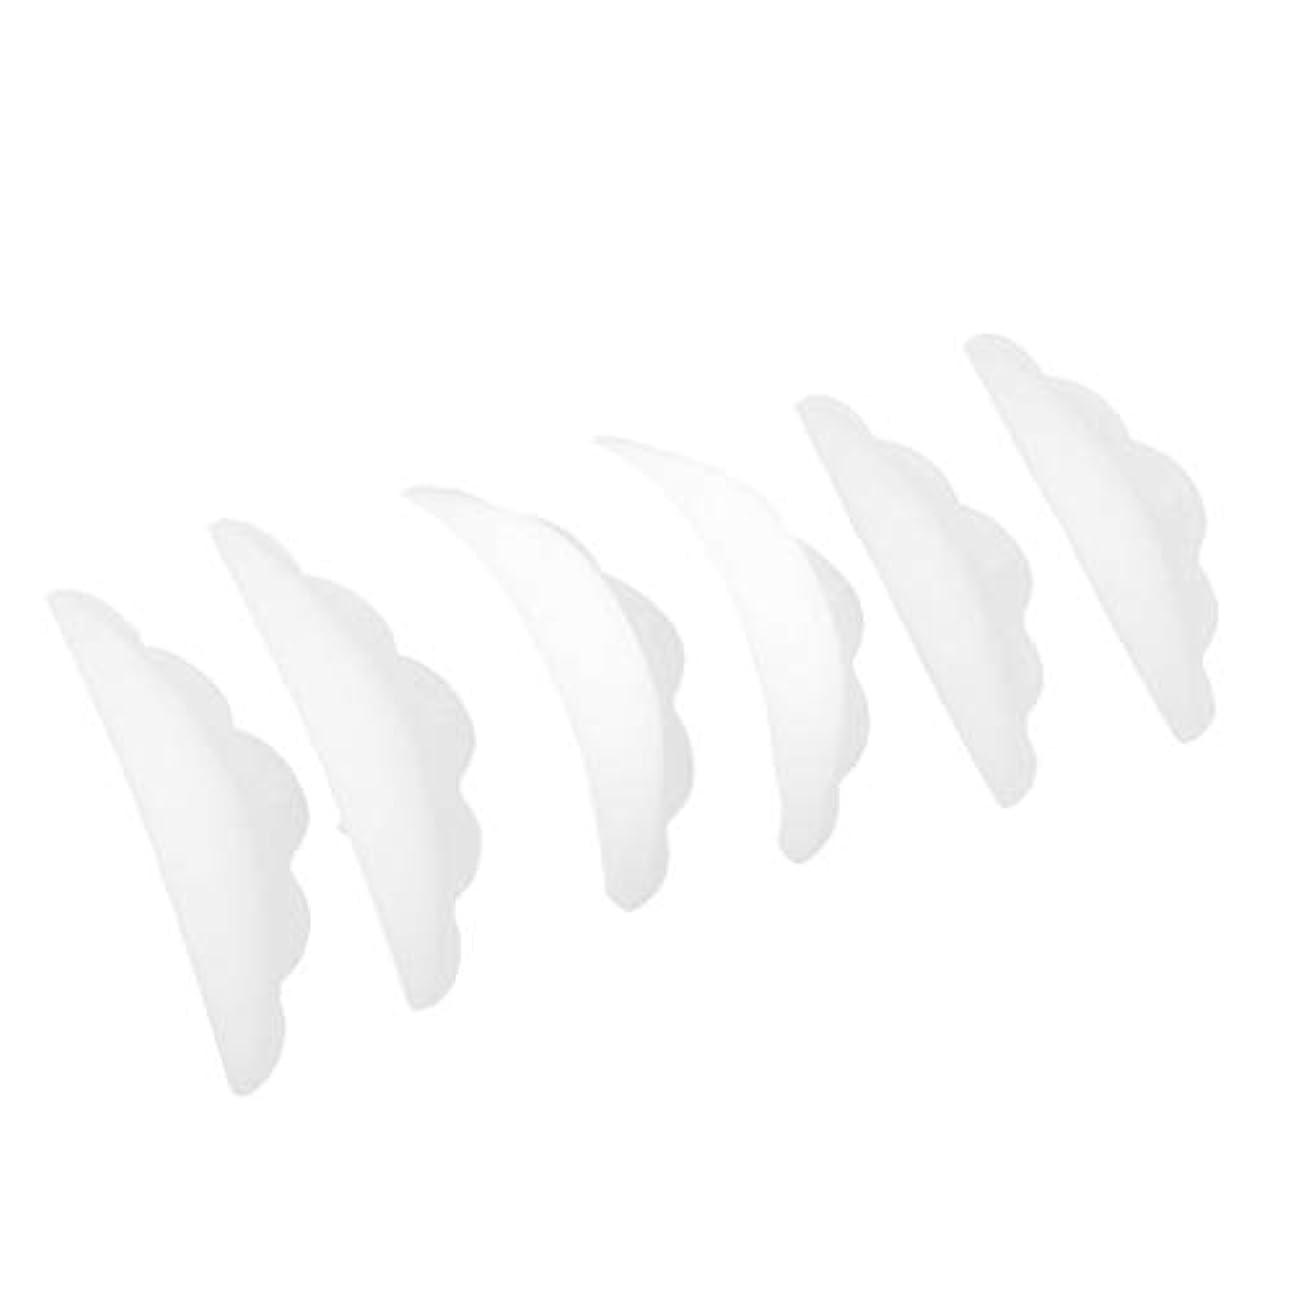 送る事務所非武装化CUTICATE まつげ エクステンション パーマパッド まつげ 3Dシリコーン 柔らかく 快適 3ペア入り